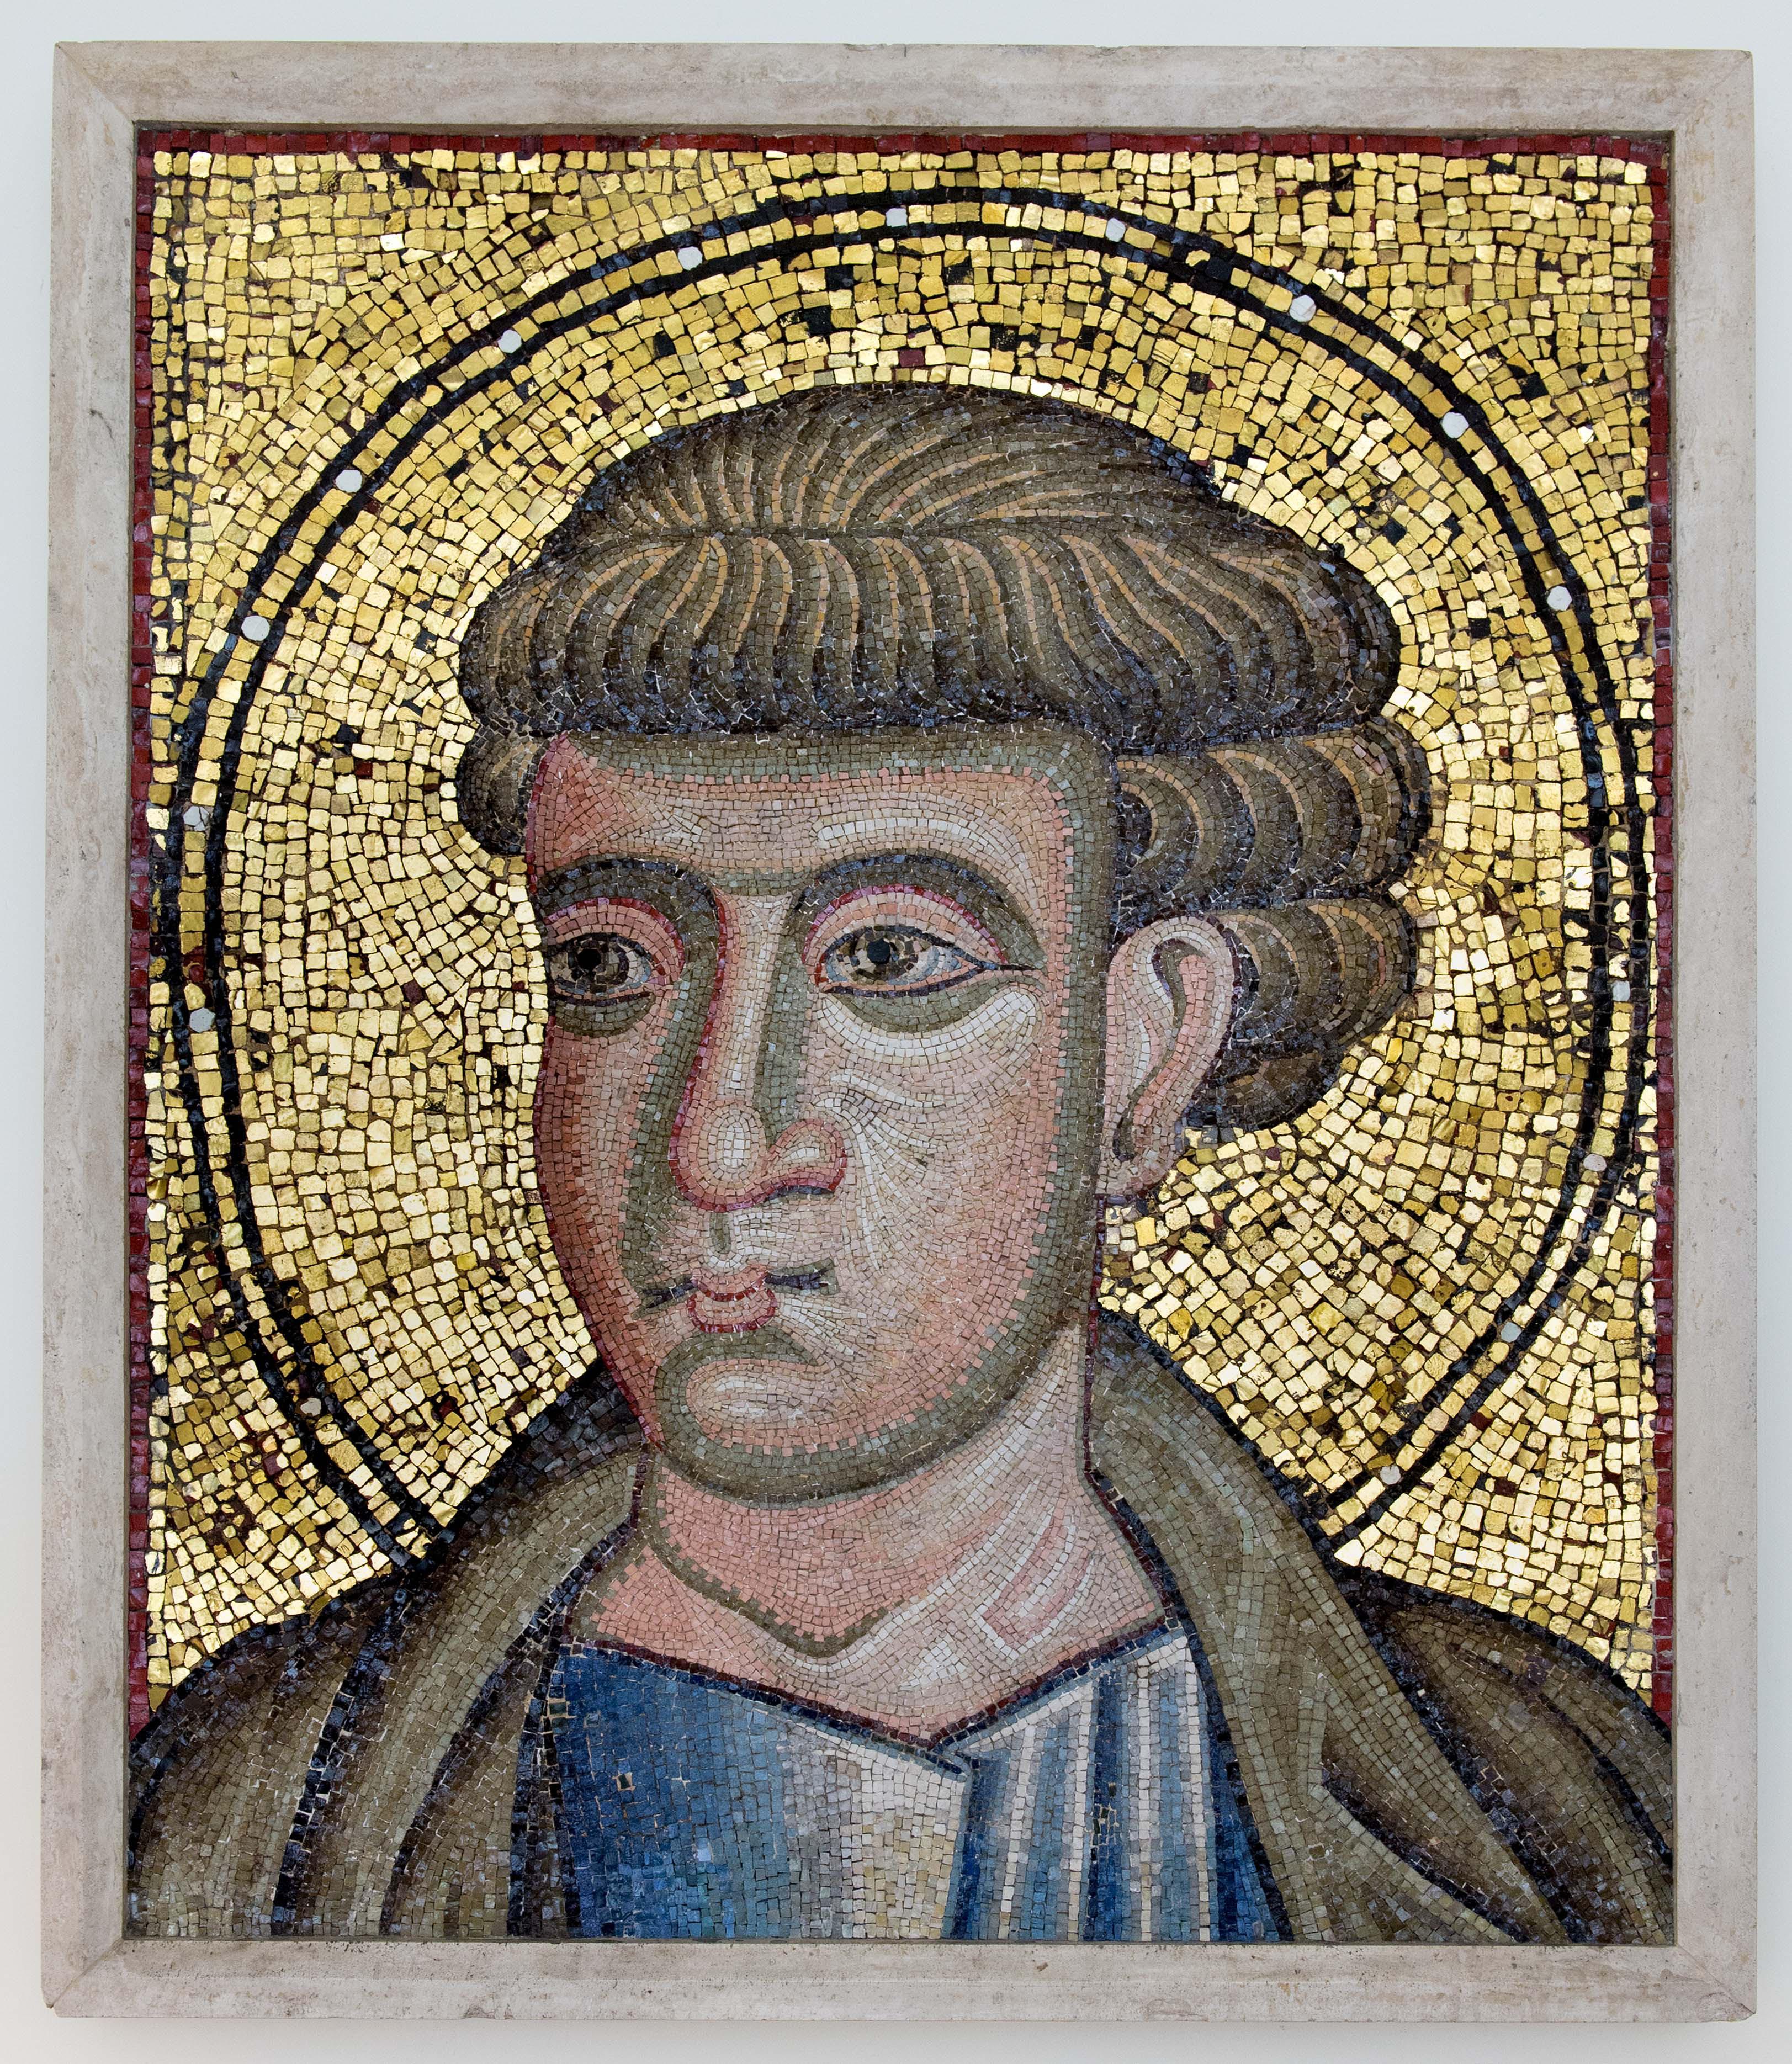 Lacerto musivo con raffigurazione di Apostolo proveniente dall'abside dell'antica Basilica di San Paolo fuori le mura (XIII secolo). Grotte Vaticane